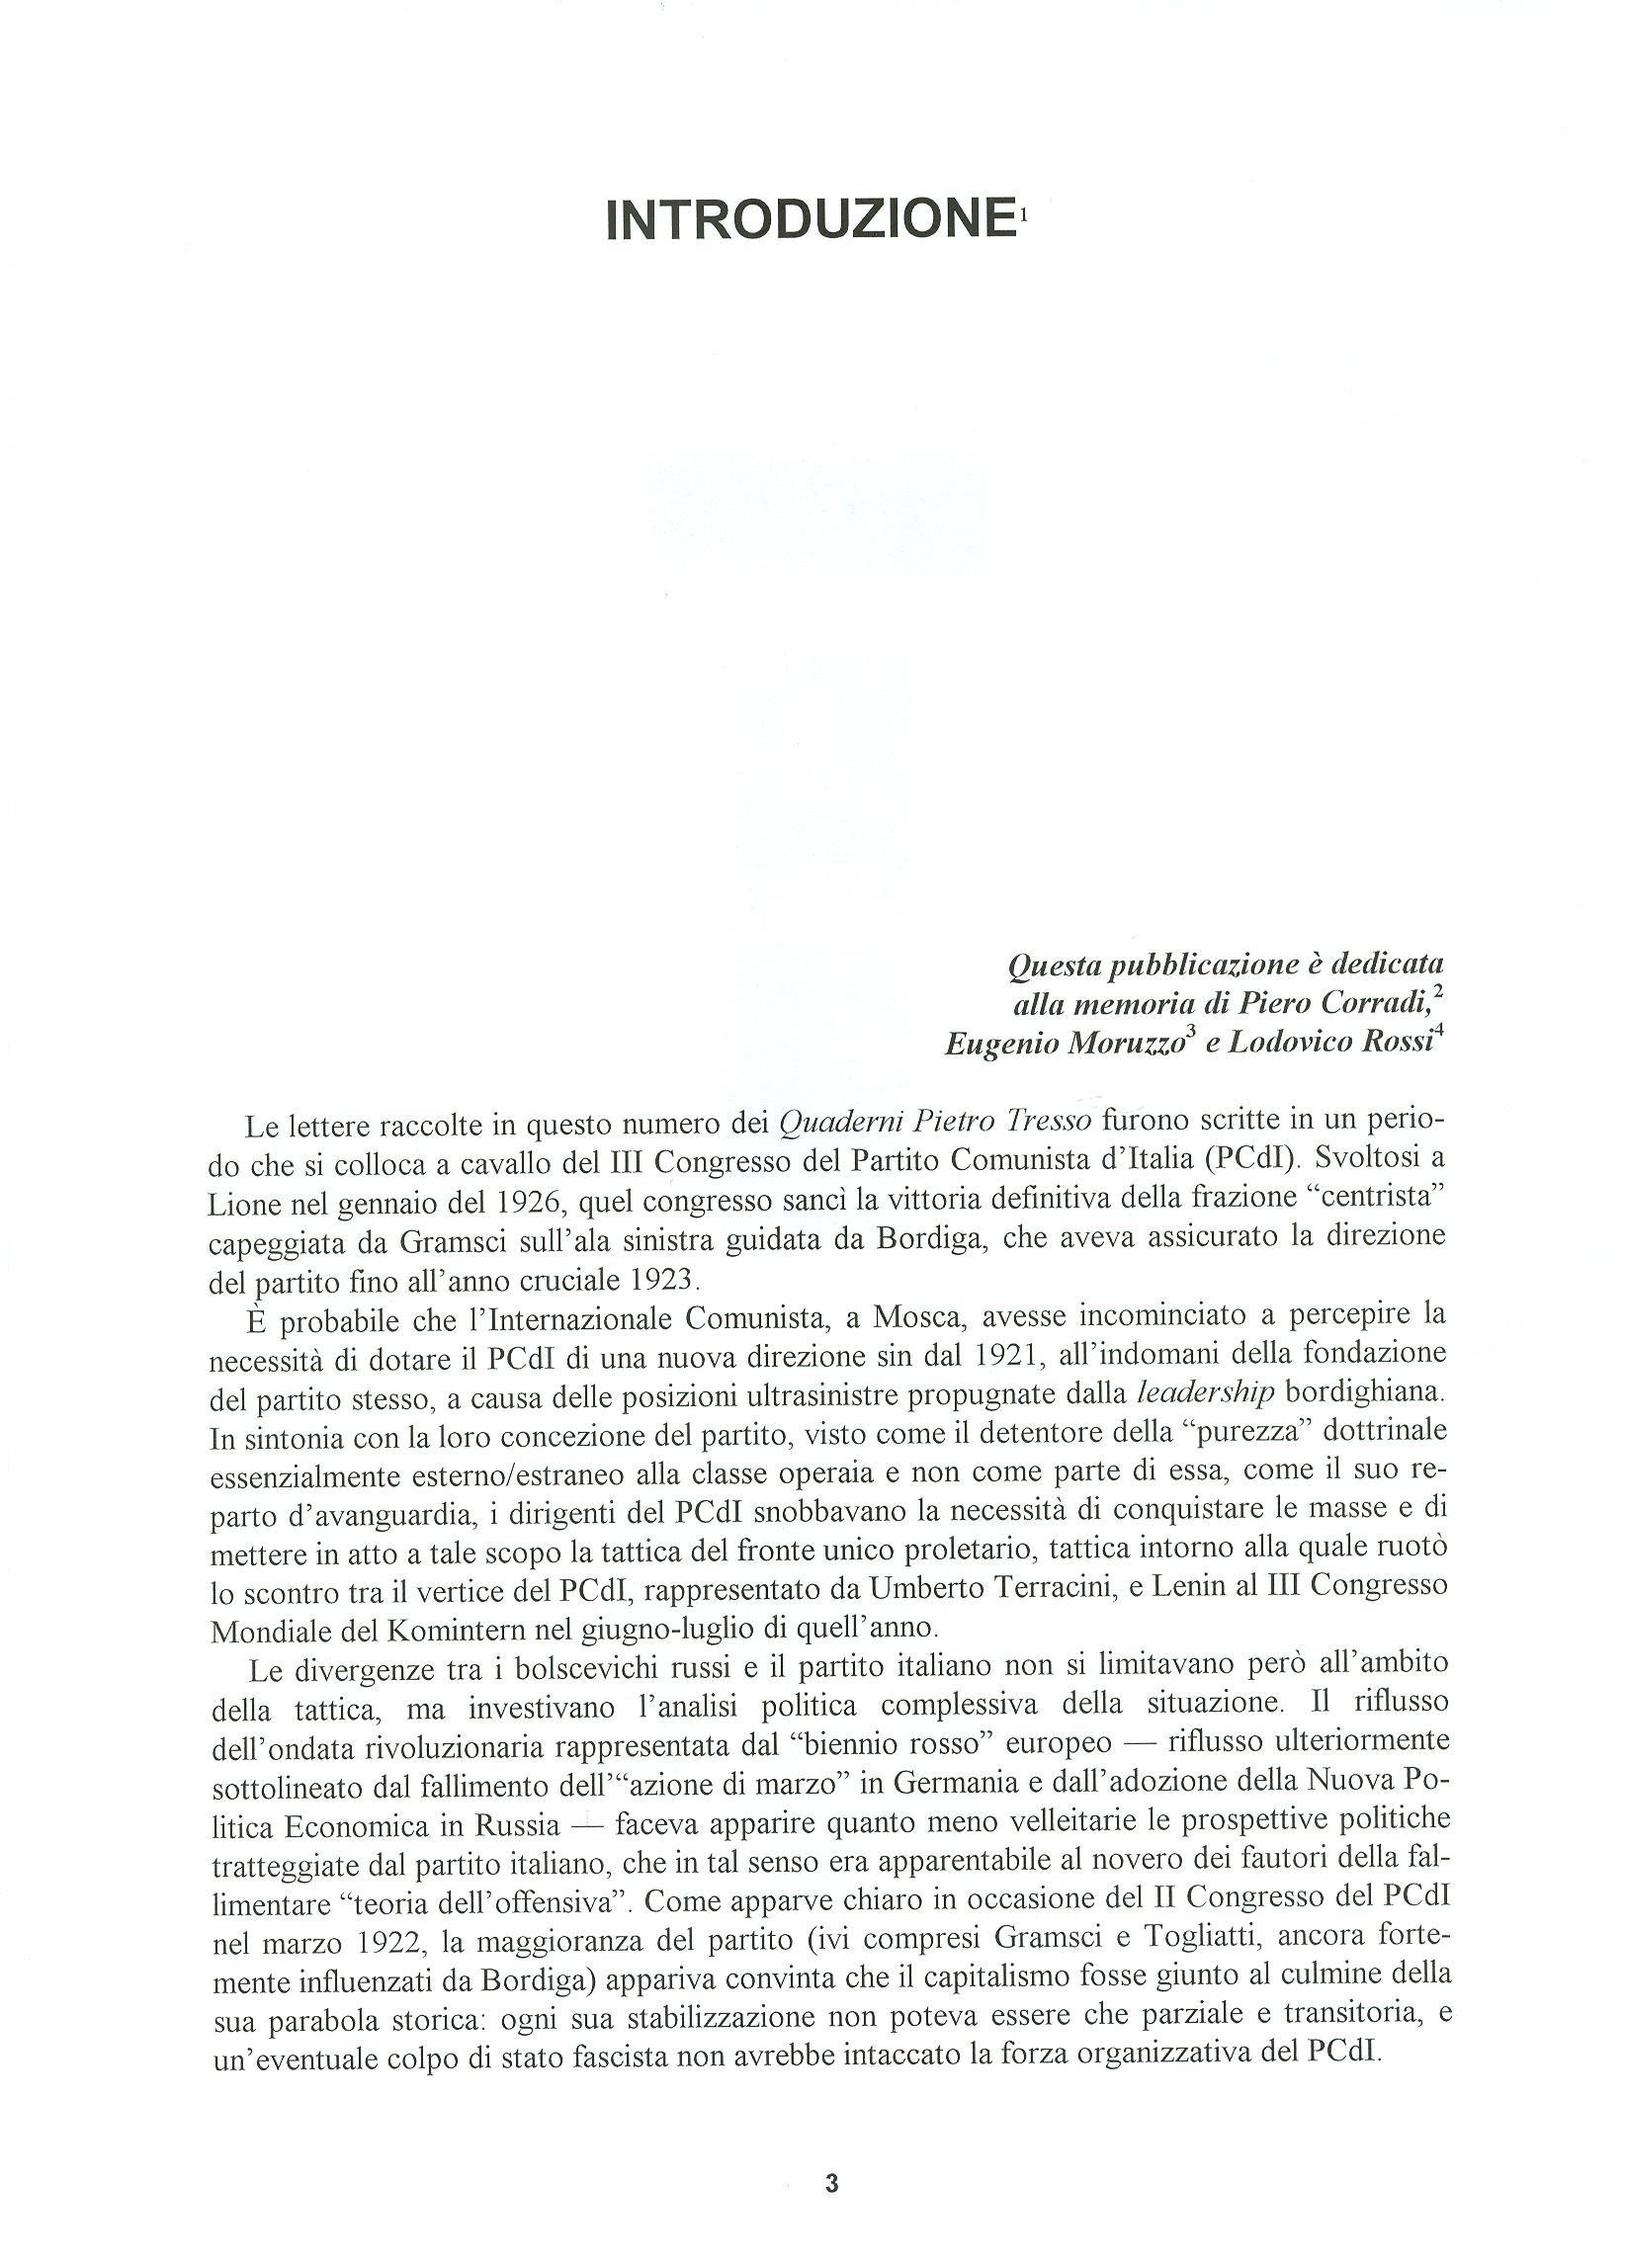 Quaderni del Centro Studi Pietro Tresso (1996-2009) n. 14 (novembre 1998) - pag. 4